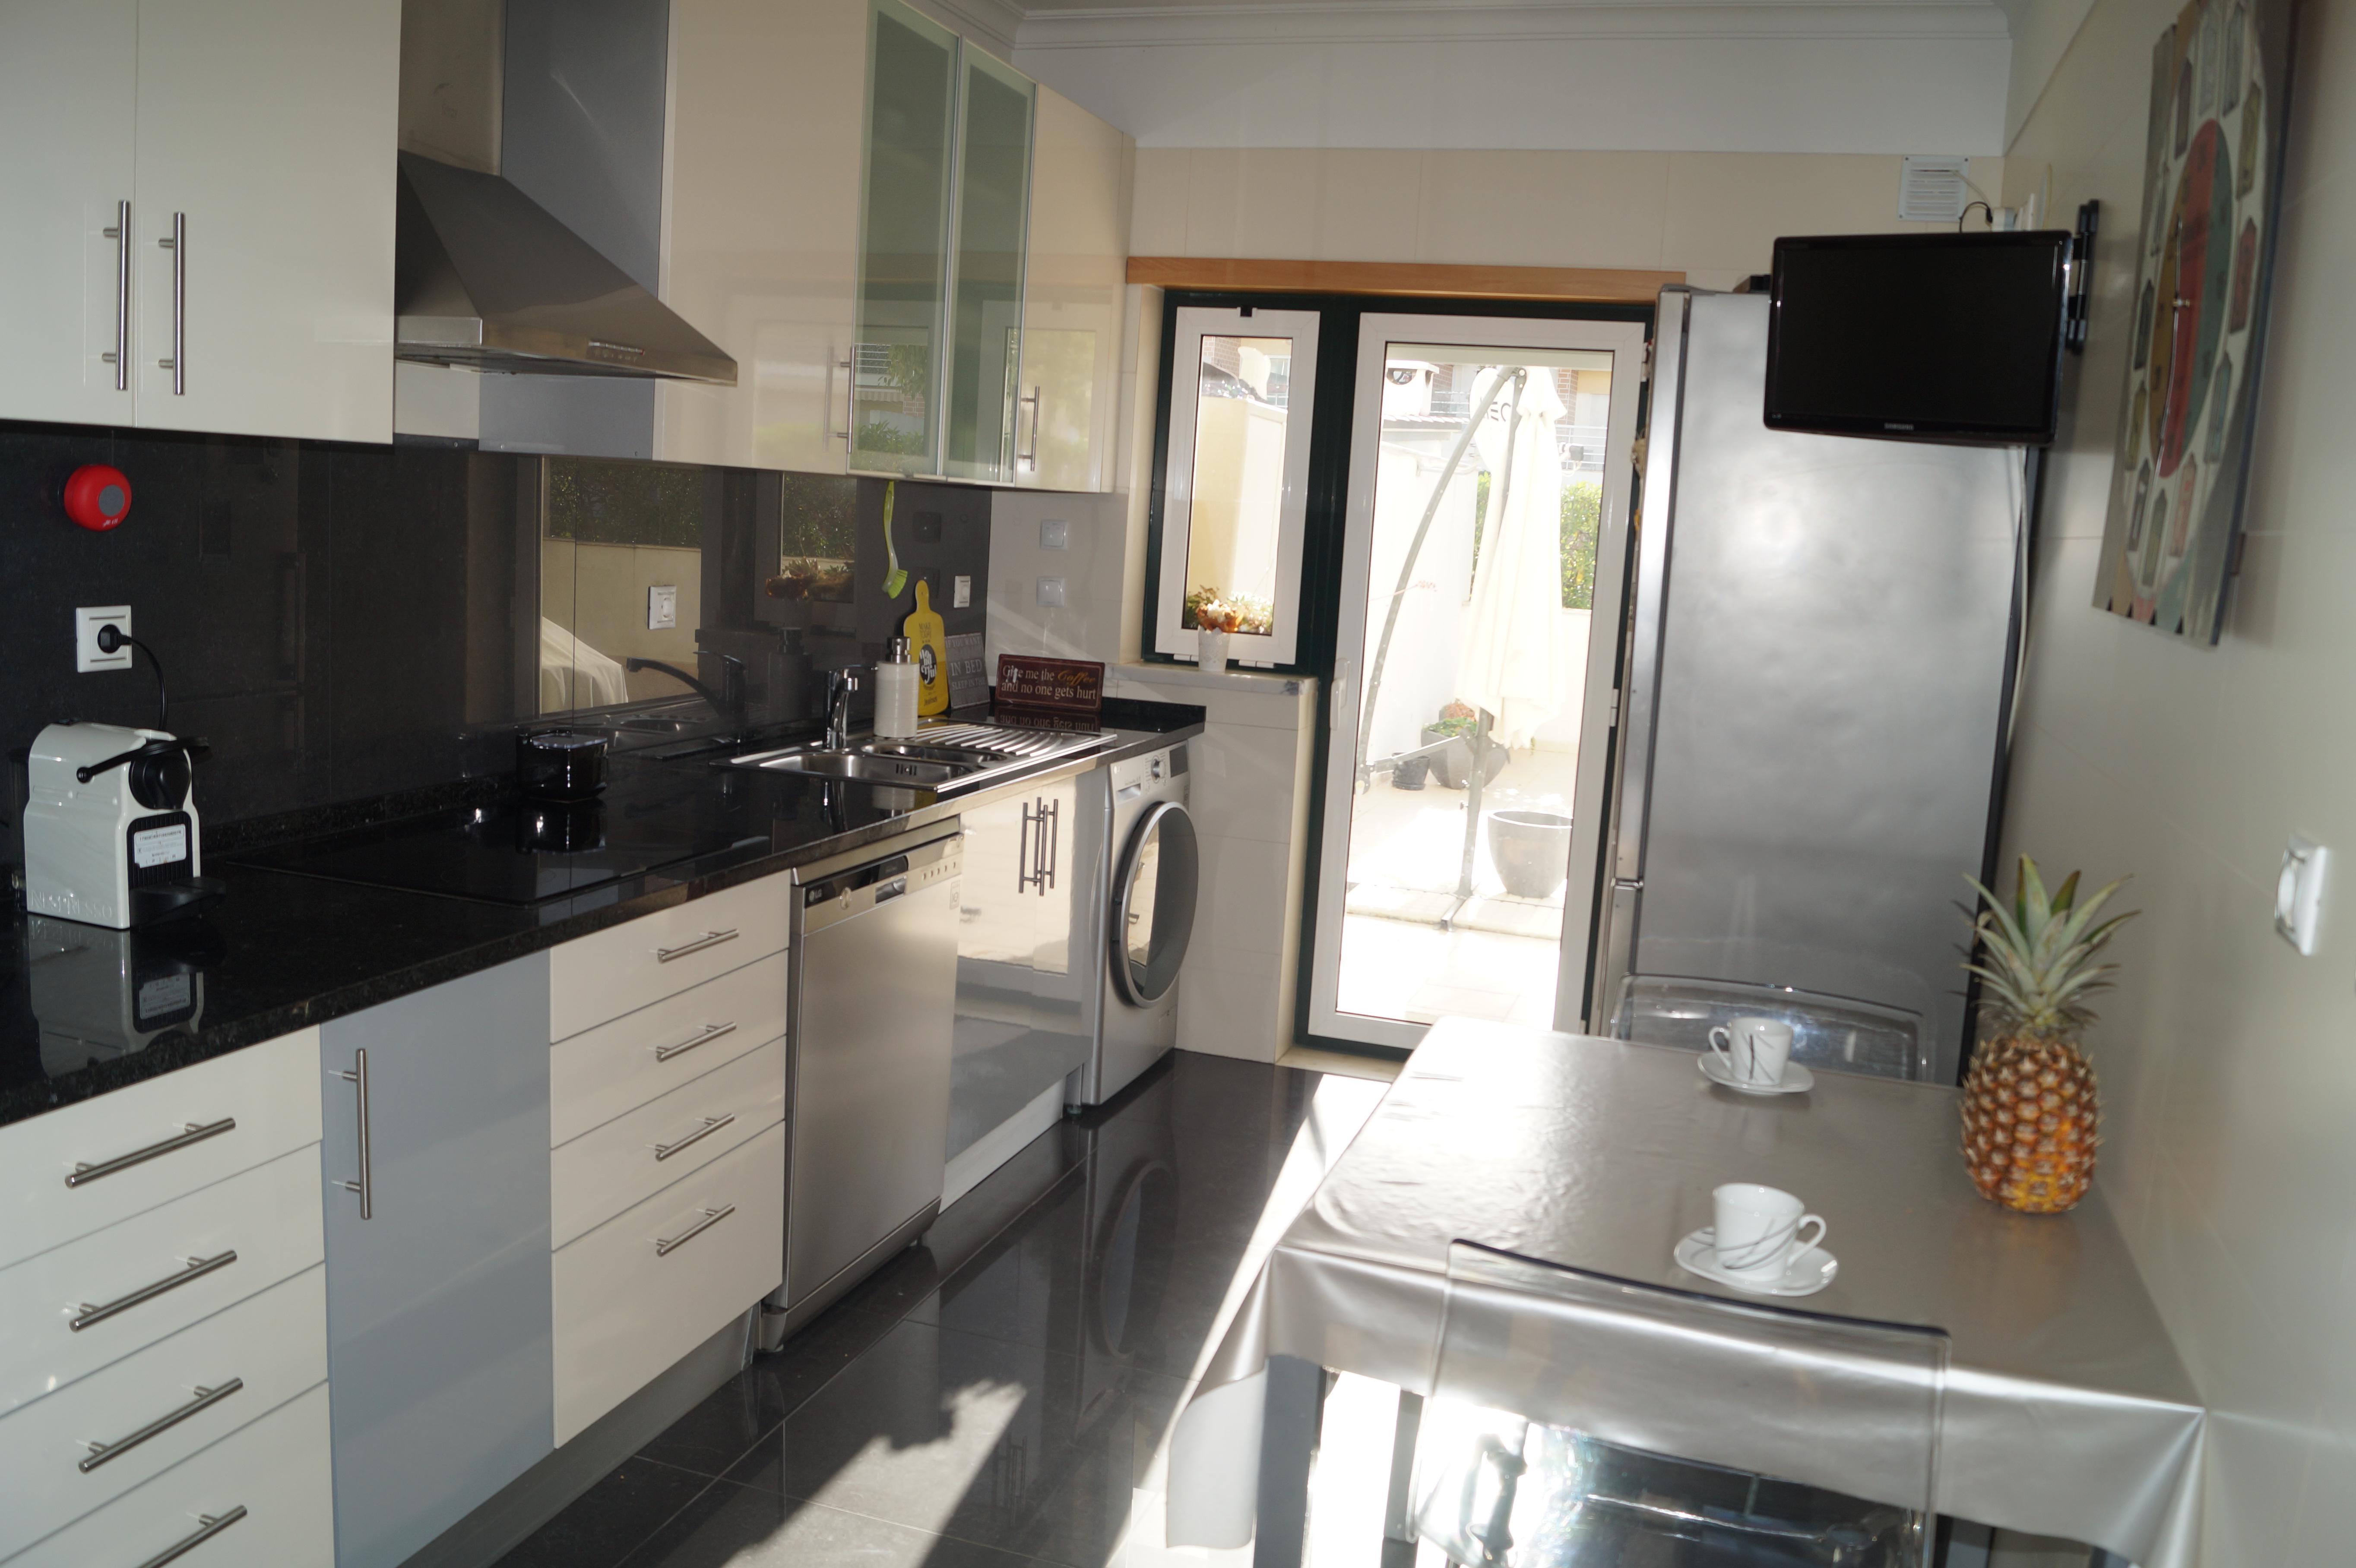 Location appartements et villas de vacance, Condominio Partilha Sol, Alvor, Portimao à Alvor, Portugal Algarve, REF_IMG_4403_4412